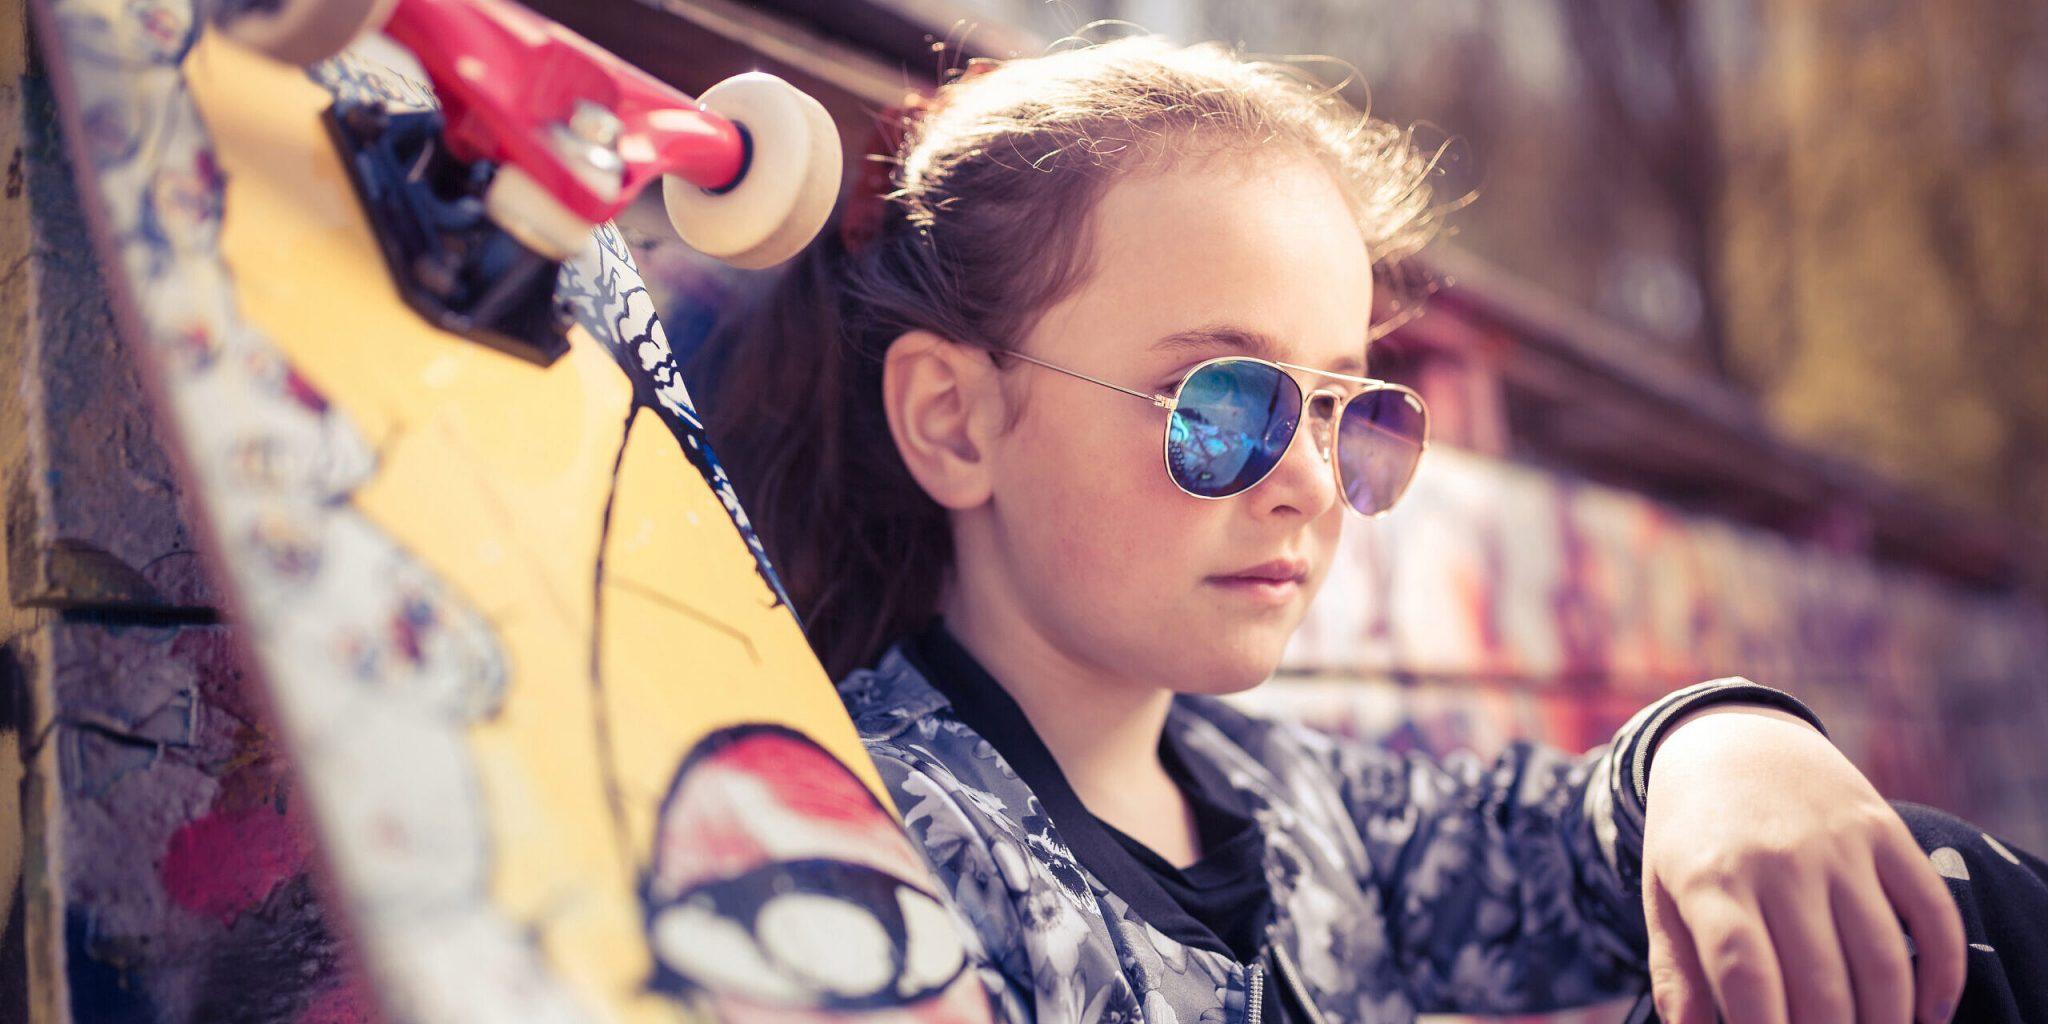 694-93_P4_minibrilla sunglasses_skate_action1